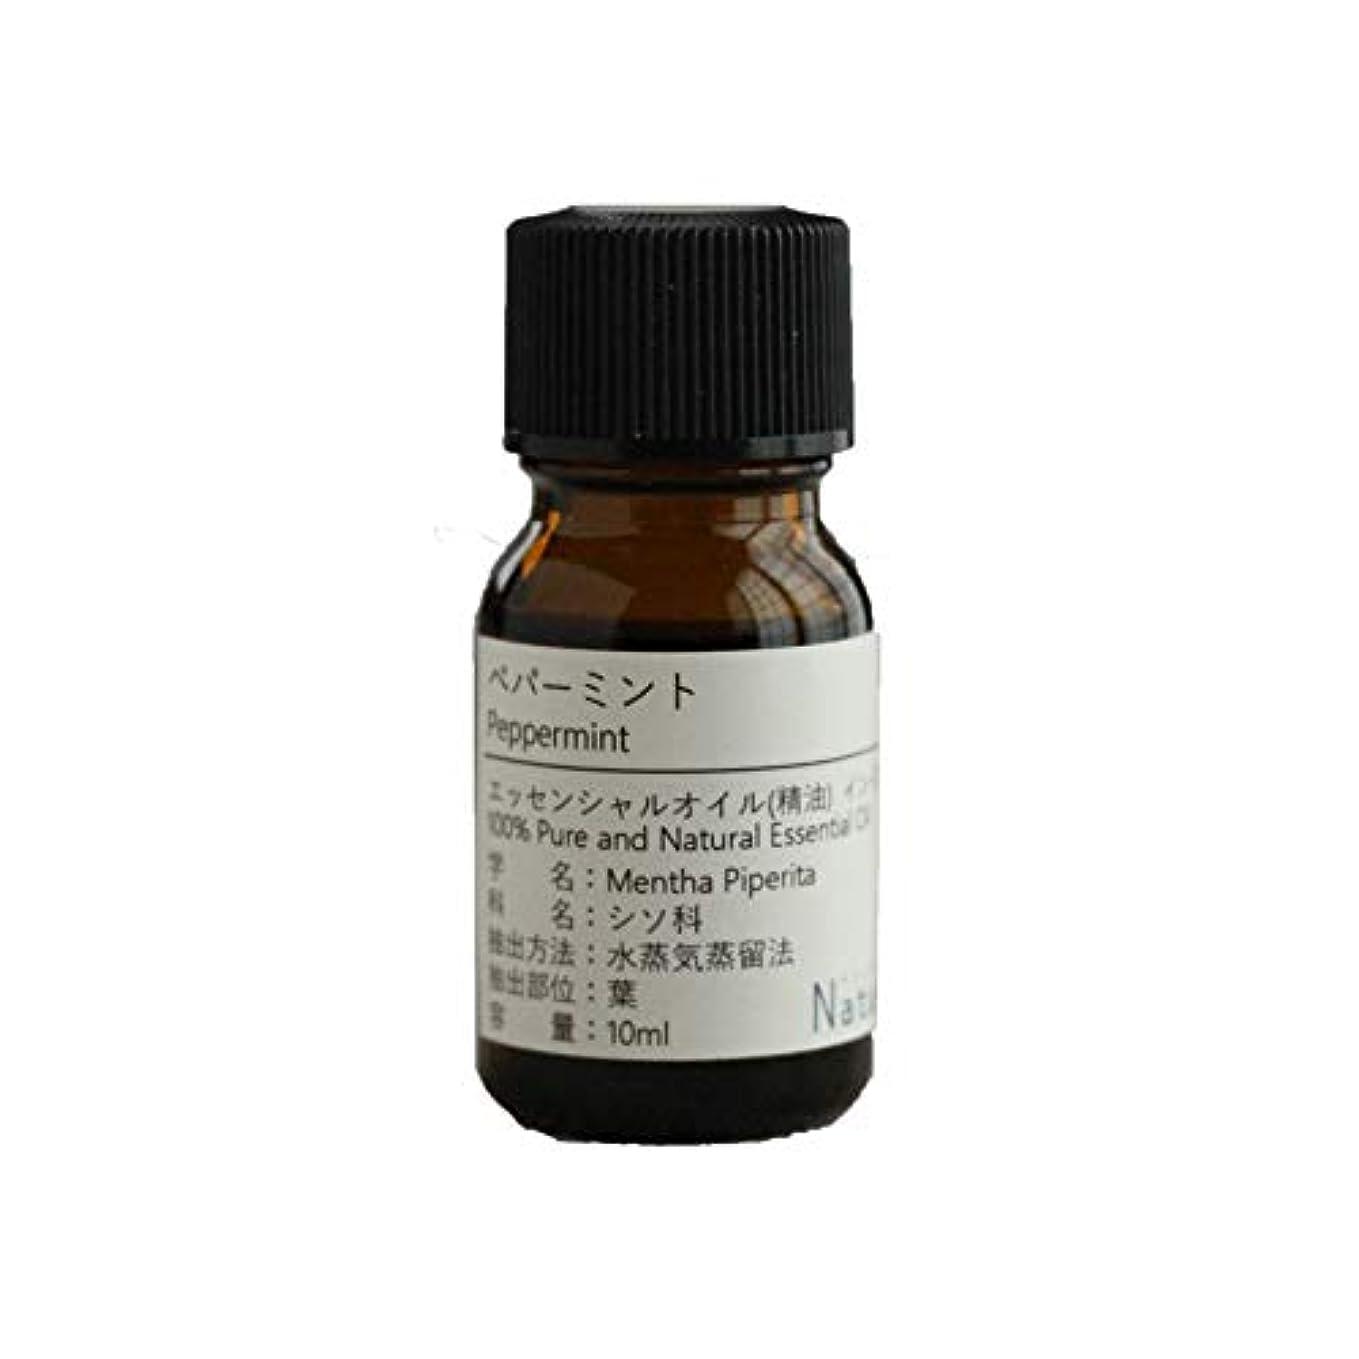 ドレスディレイ十二Natural蒼 ペパーミント/エッセンシャルオイル 精油天然100% (30ml)